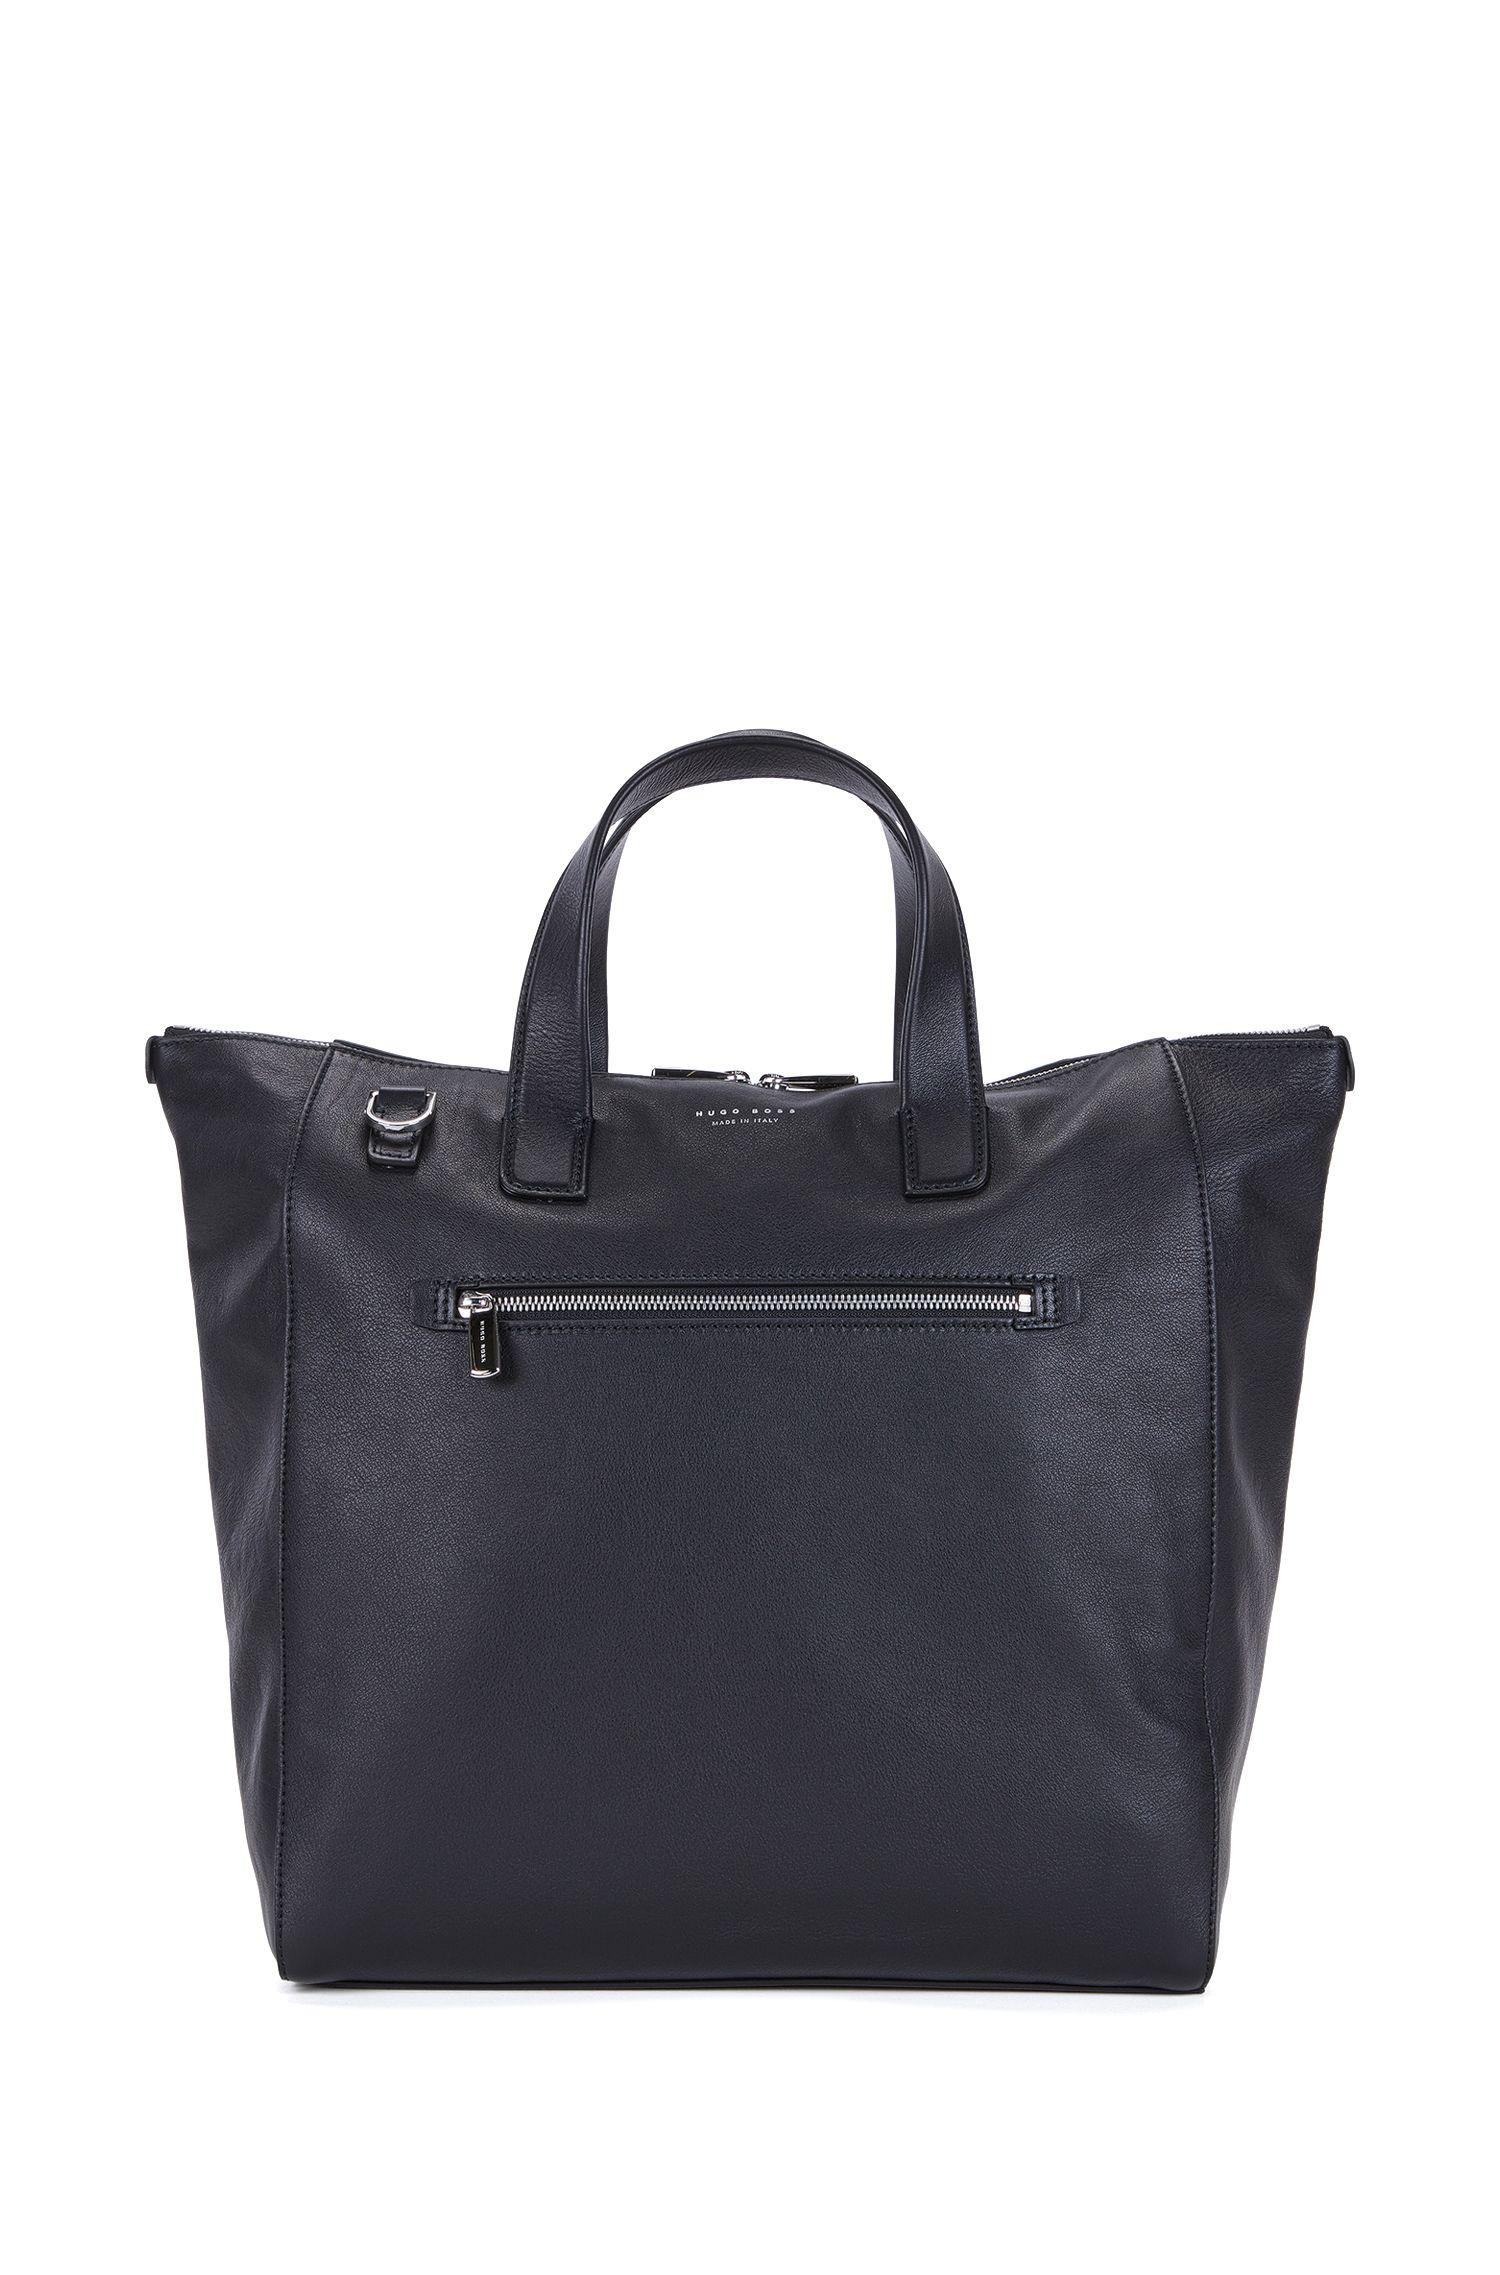 Tote Bag aus Leder mit verstellbarem Schulterriemen